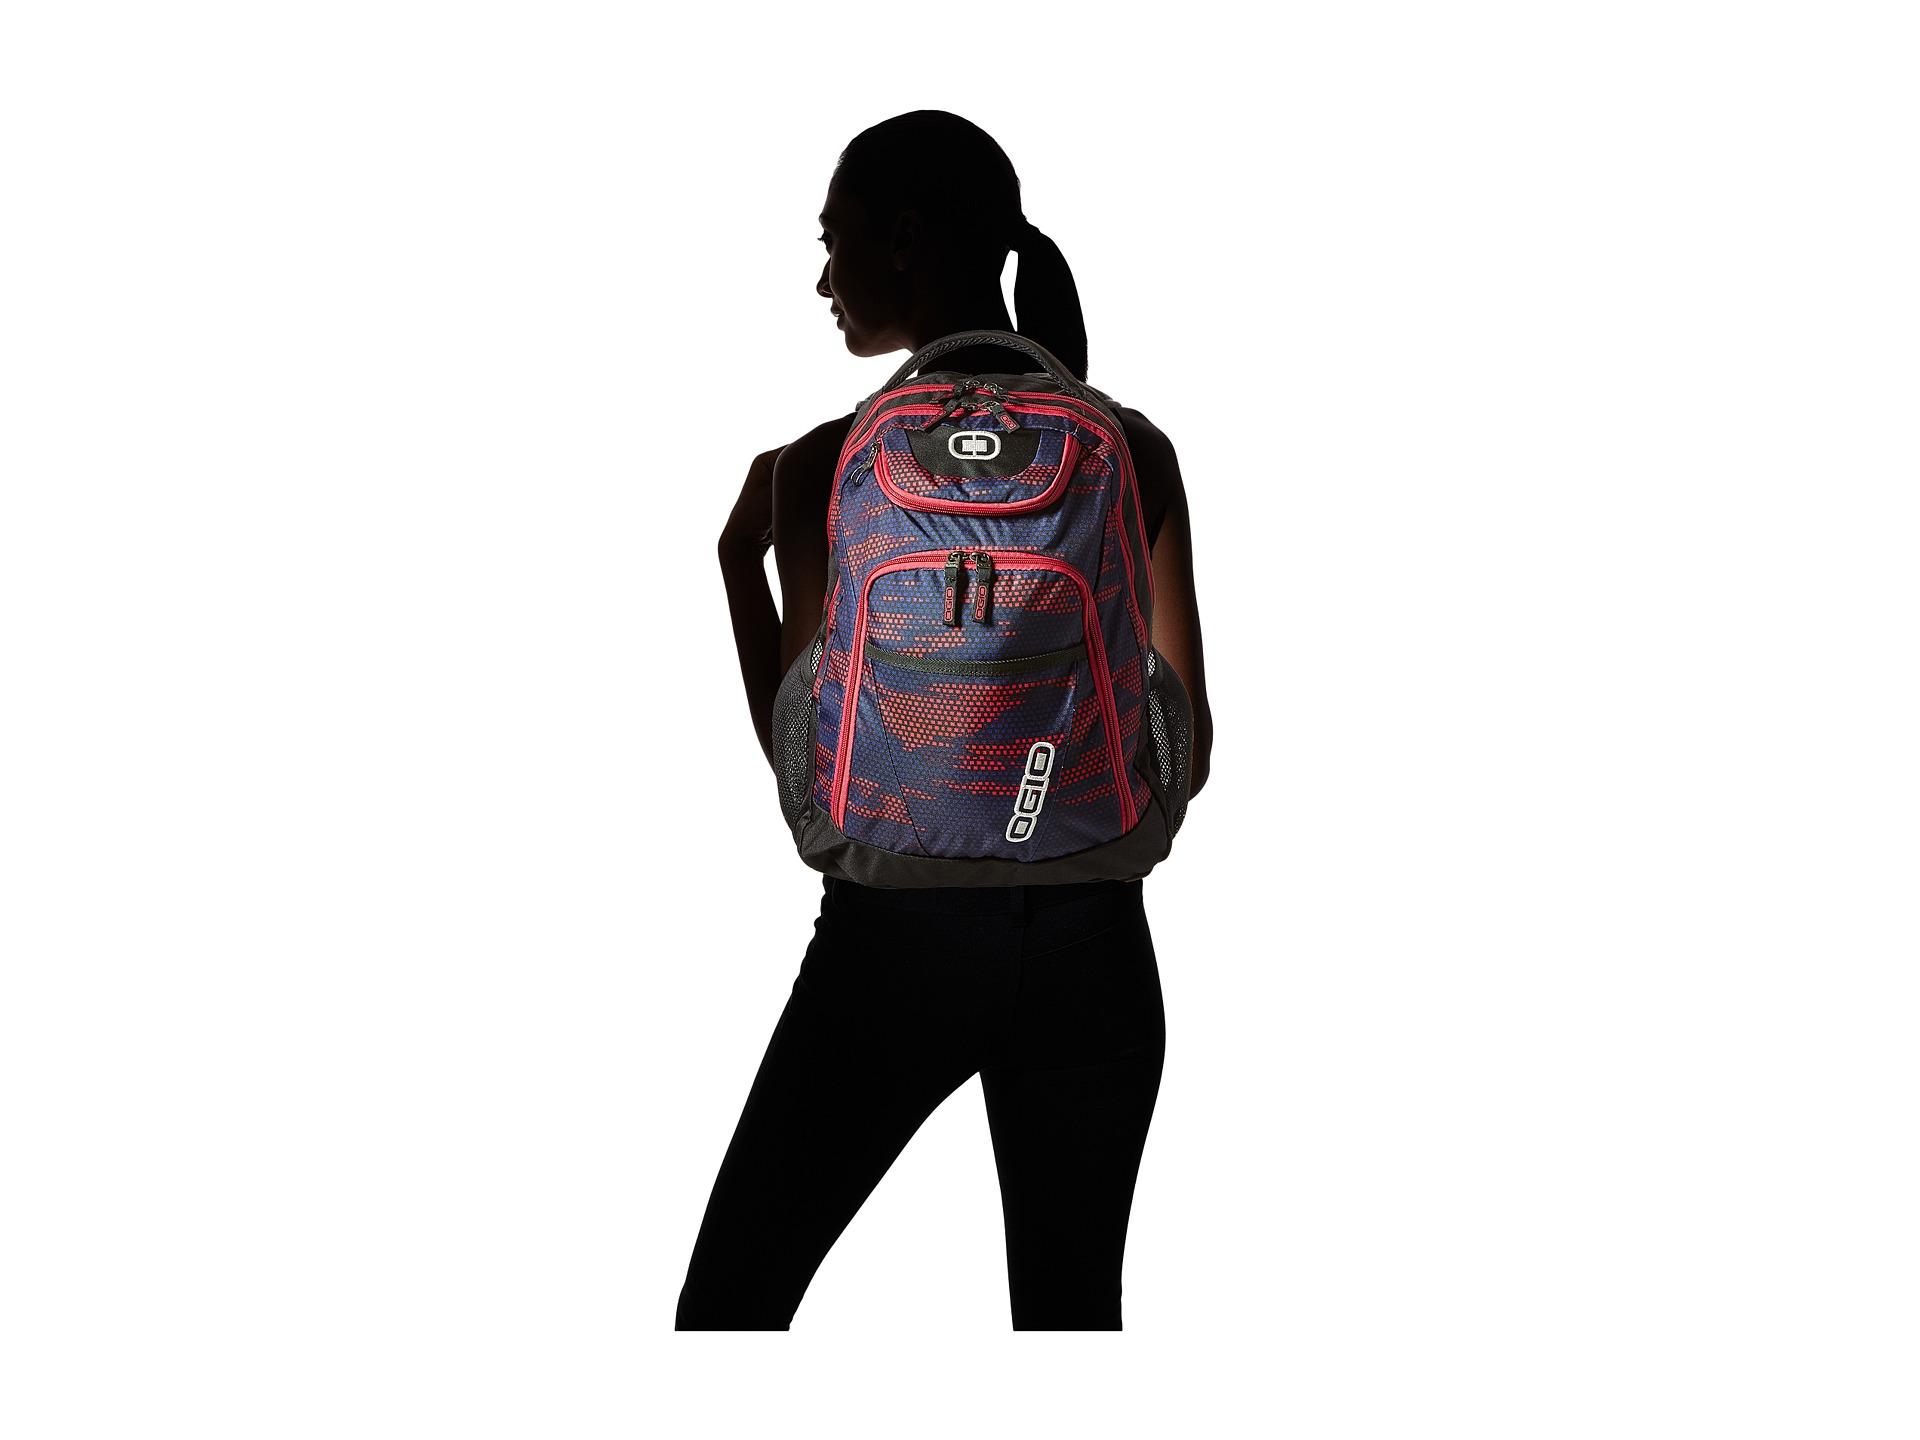 OGIO Tribune Pack - Zappos.com Free Shipping BOTH Ways